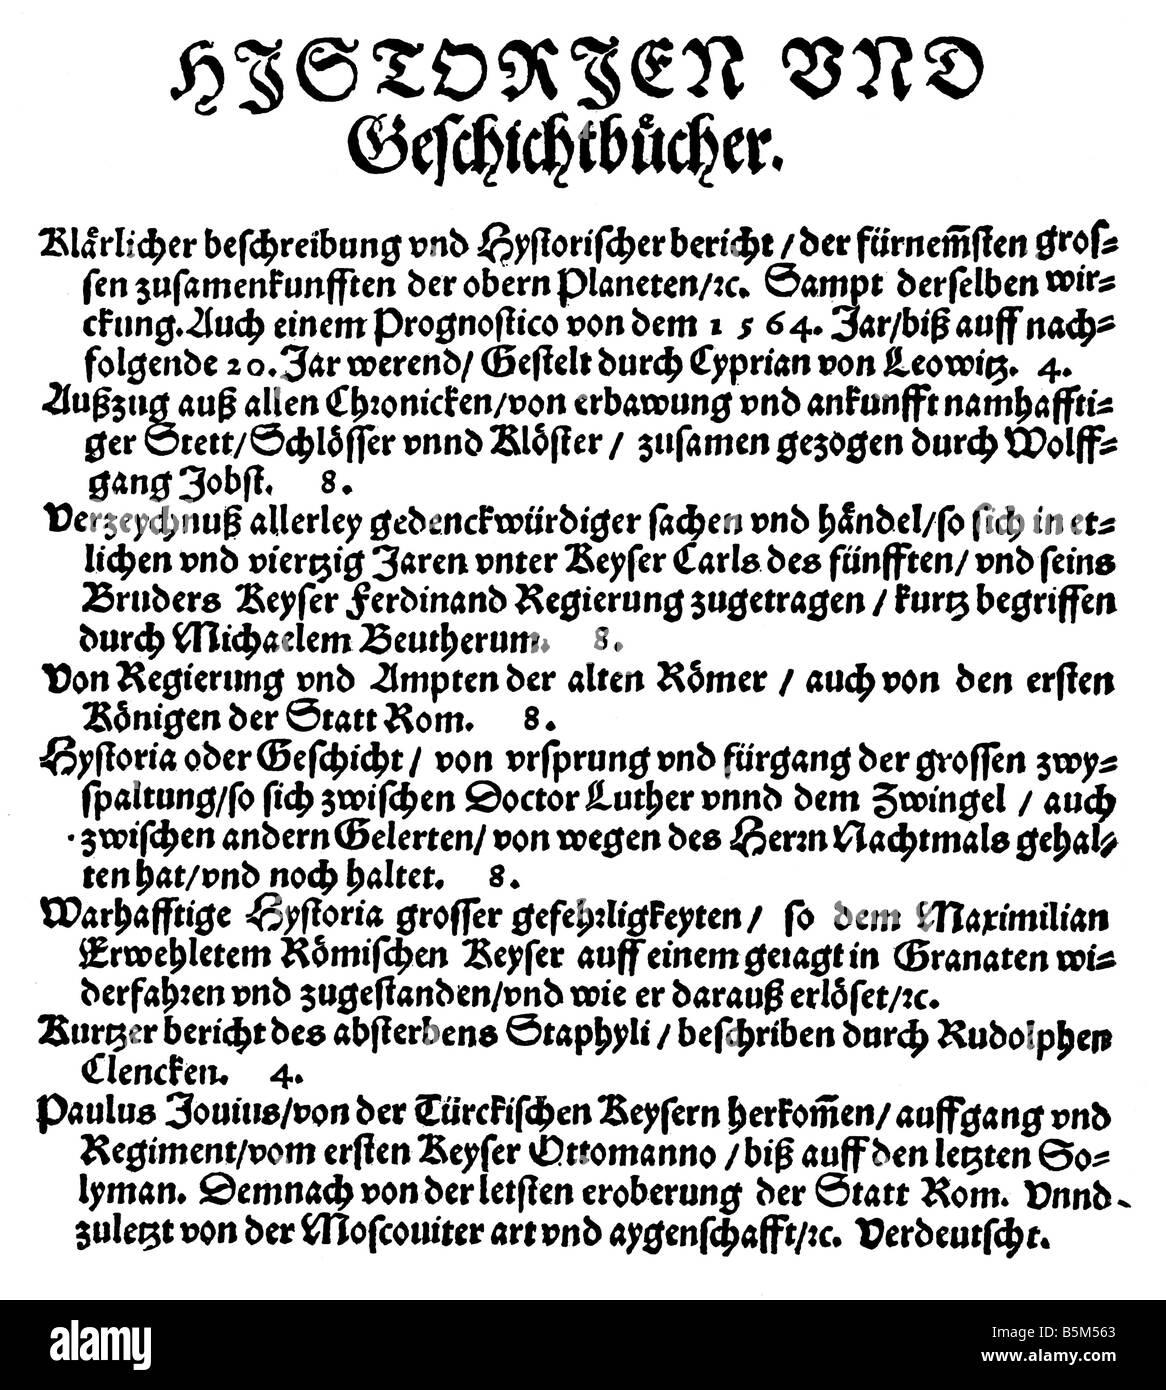 Commercio, commercio di libri, catalogo di Georg Willer, Frankfurt am Main, 1564, recentemente pubblicato libri Immagini Stock